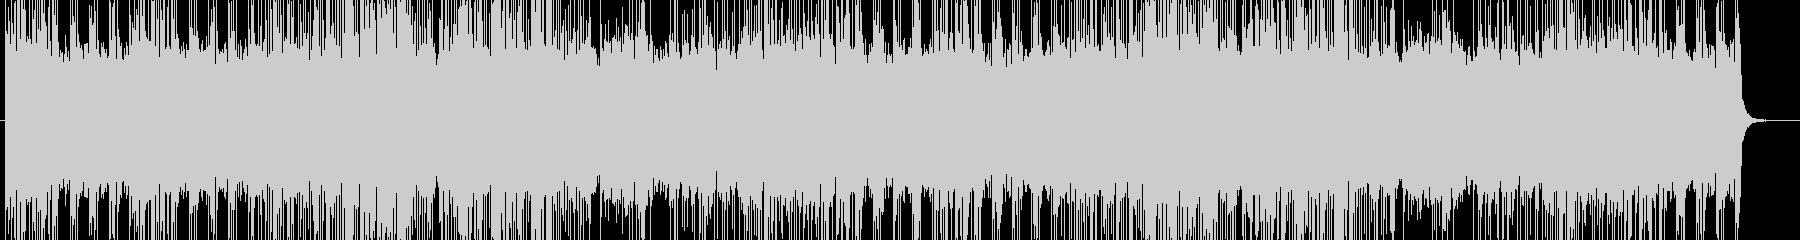 「ガルムヘイム」DARK BGM221の未再生の波形